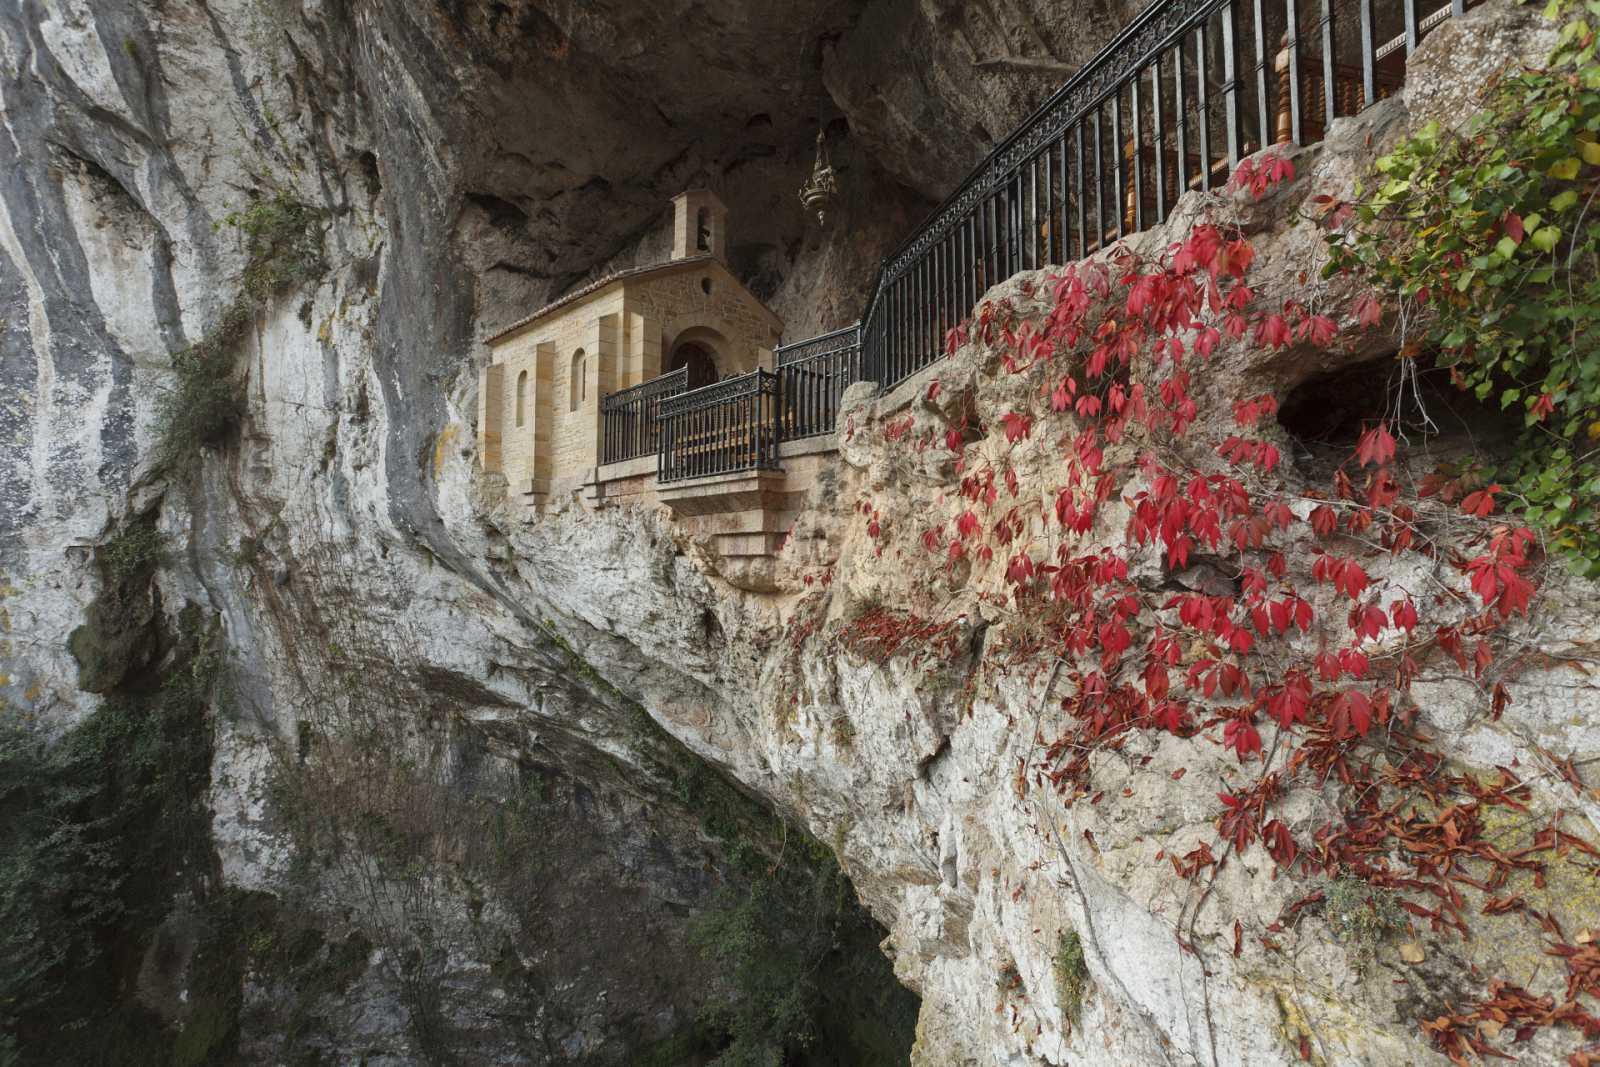 Aquí la Tierra - Santa Cueva de Covadonga